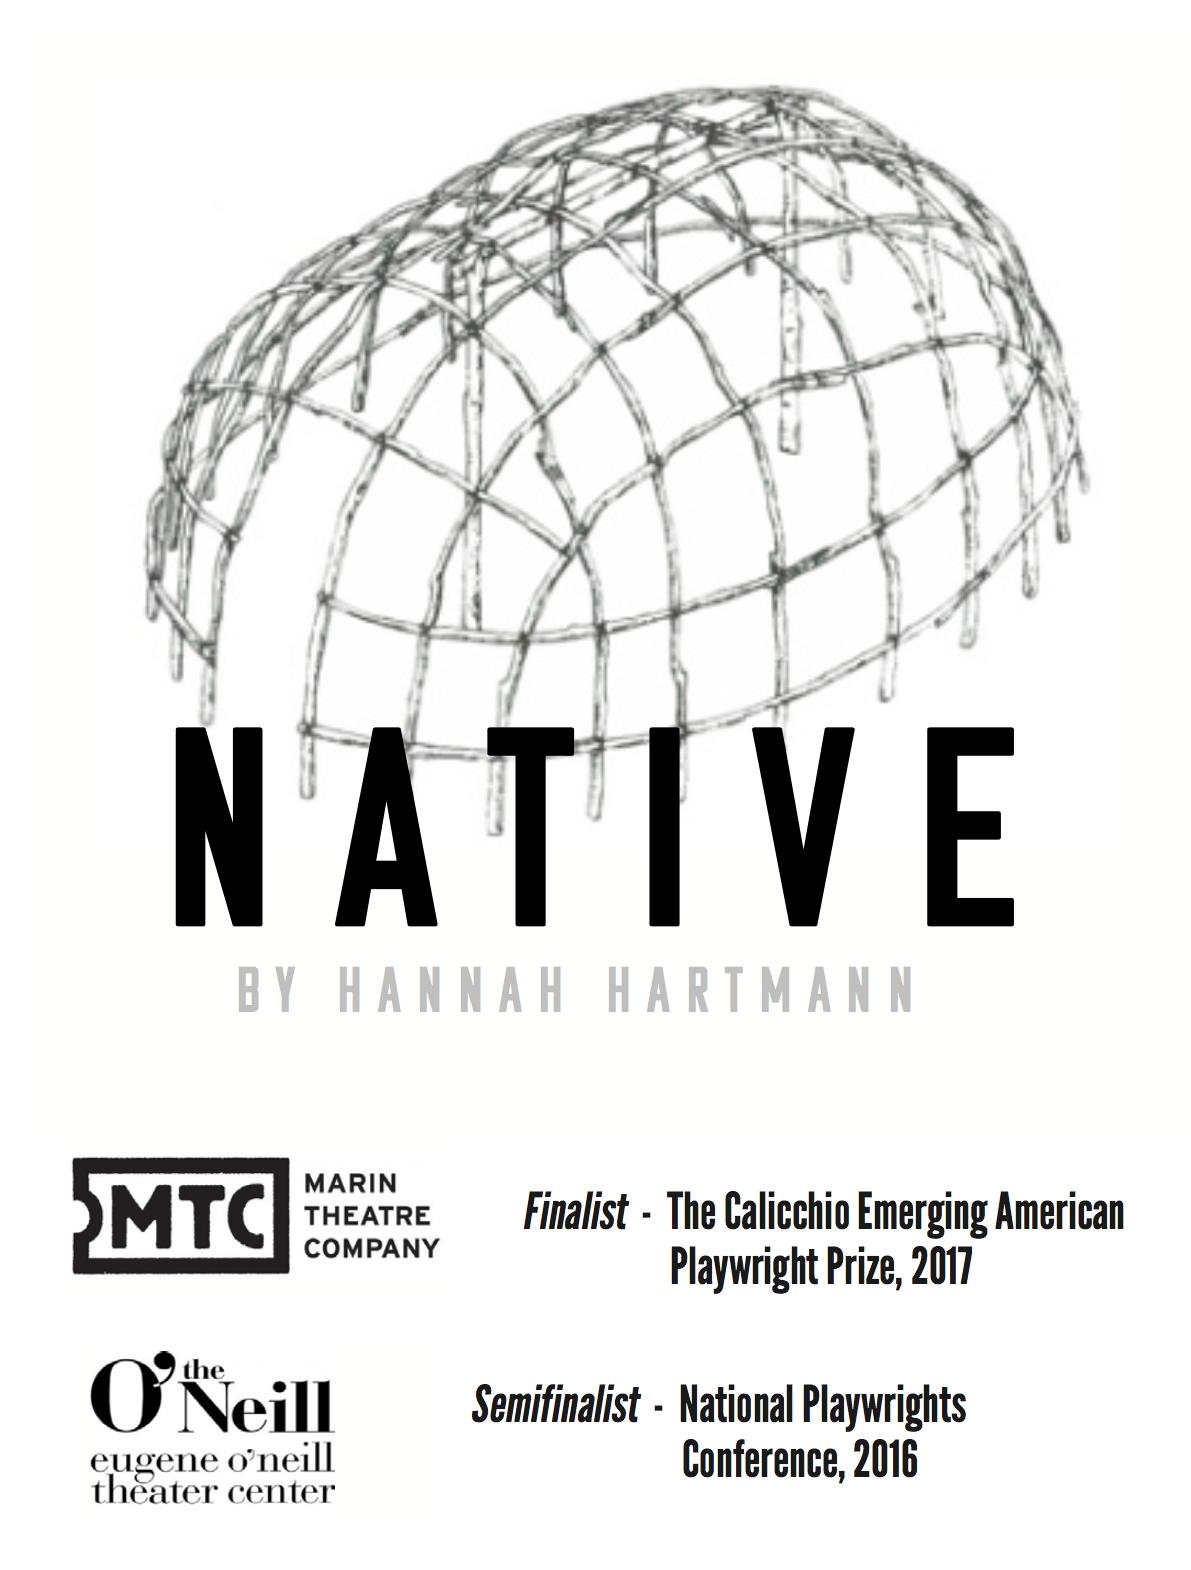 NATIVE.Hartmann.png